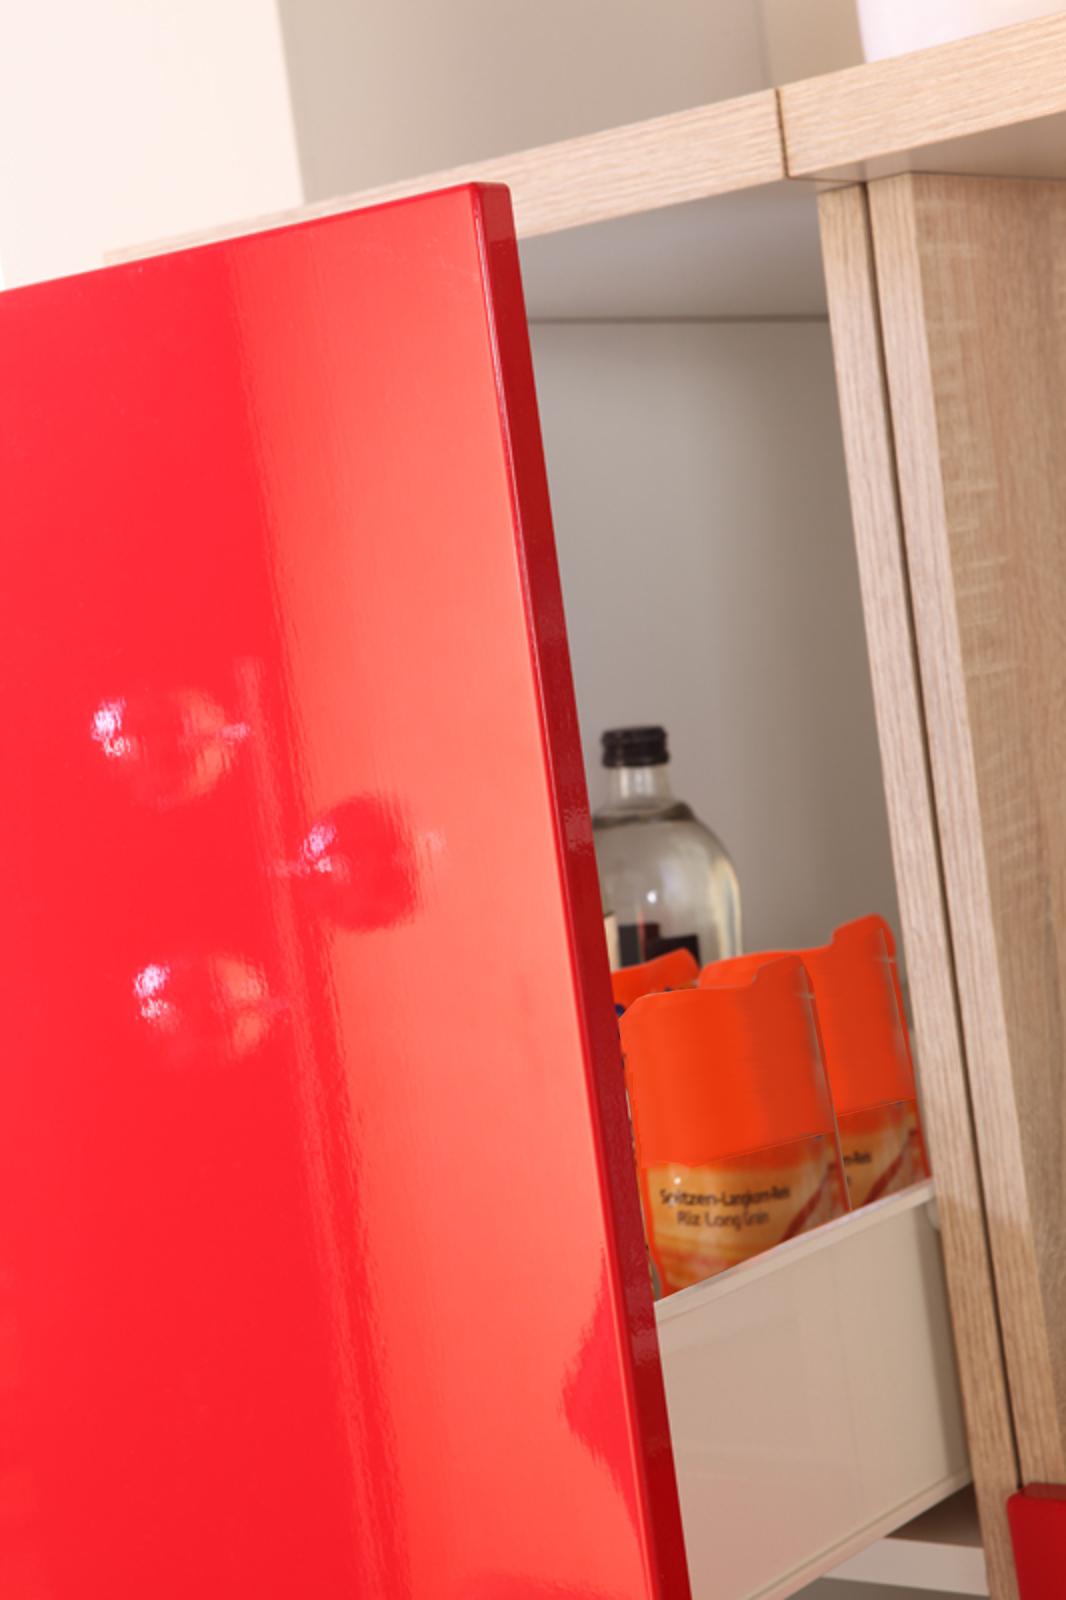 Full Size of Kchen Apothekerschrank Berlin 1 Front Auszug Einbauküche Ohne Kühlschrank Keramik Waschbecken Küche Wasserhahn Für Kaufen Günstig Grifflose Badezimmer Wohnzimmer Küche Mit Apothekerschrank